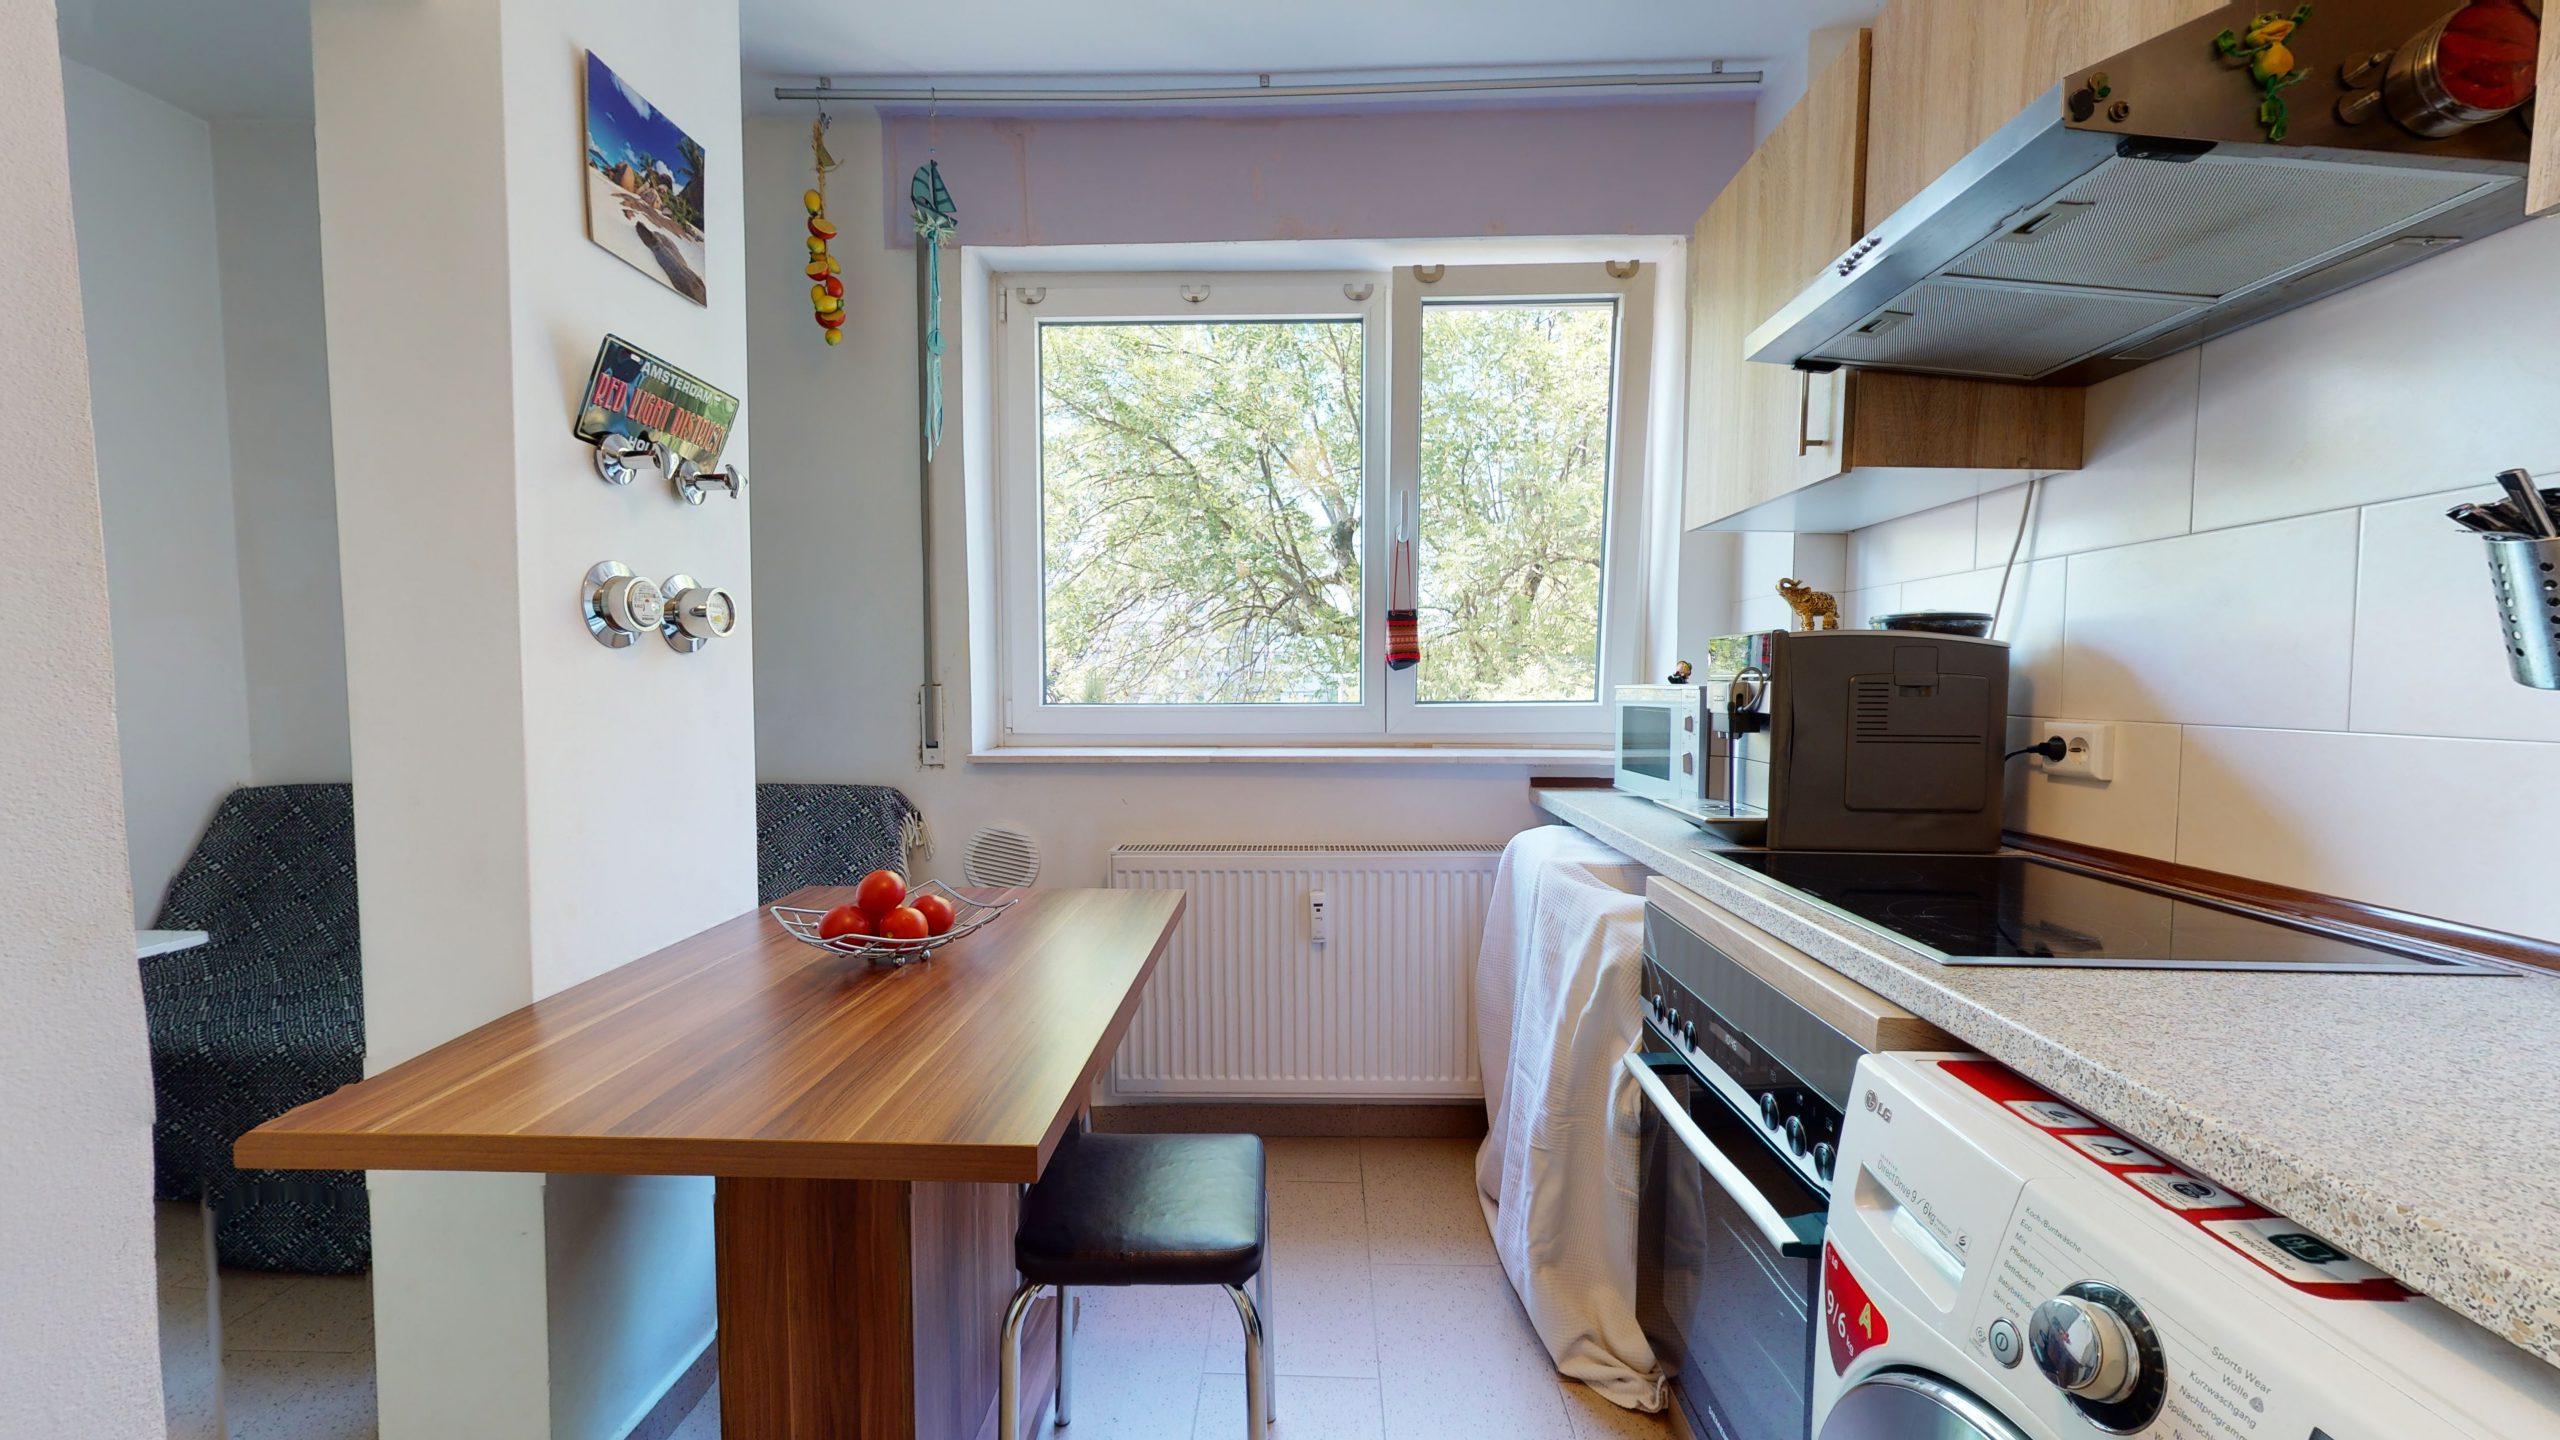 25-Zimmer-Wohnung-in-Stuttgart-Zuffenhausen-08112020_161538